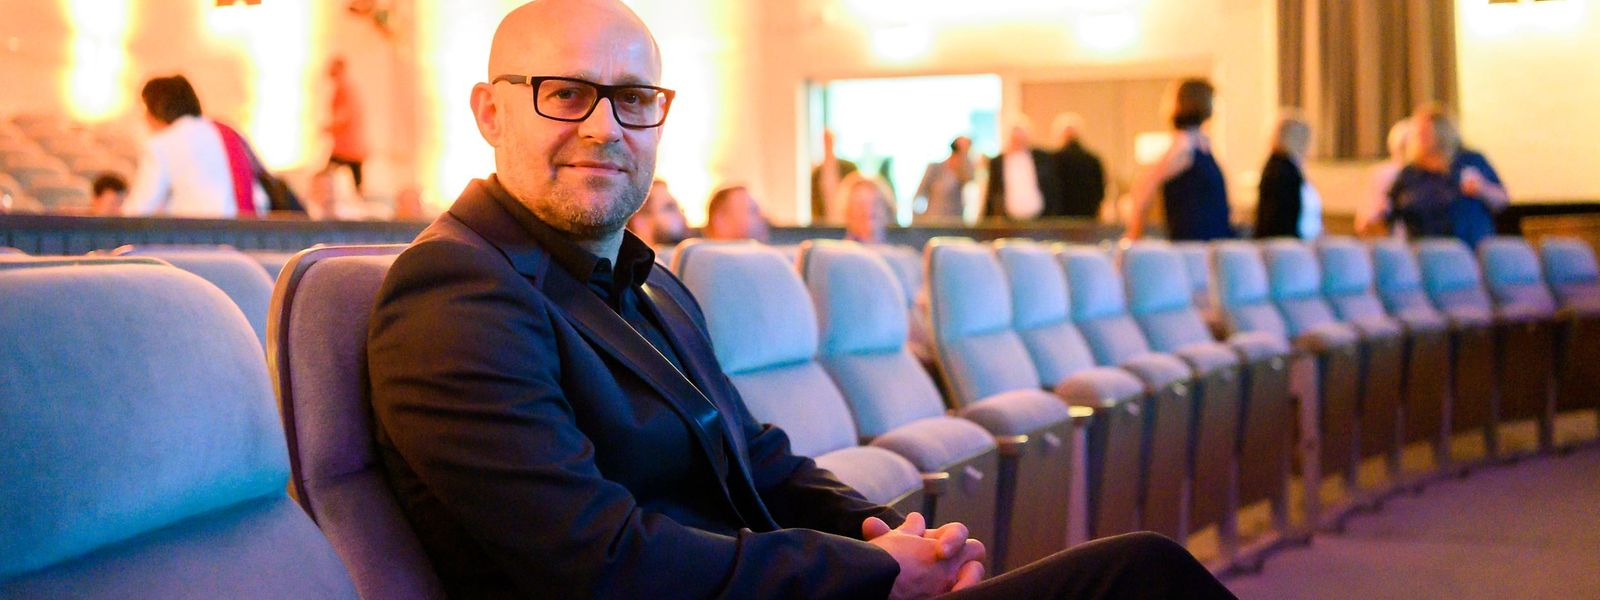 """Jürgen Vogel gelang der Durchbruch im Jahr 1992 mit einer Rolle in Sönke Wortmanns Film """"Kleine Haie""""."""